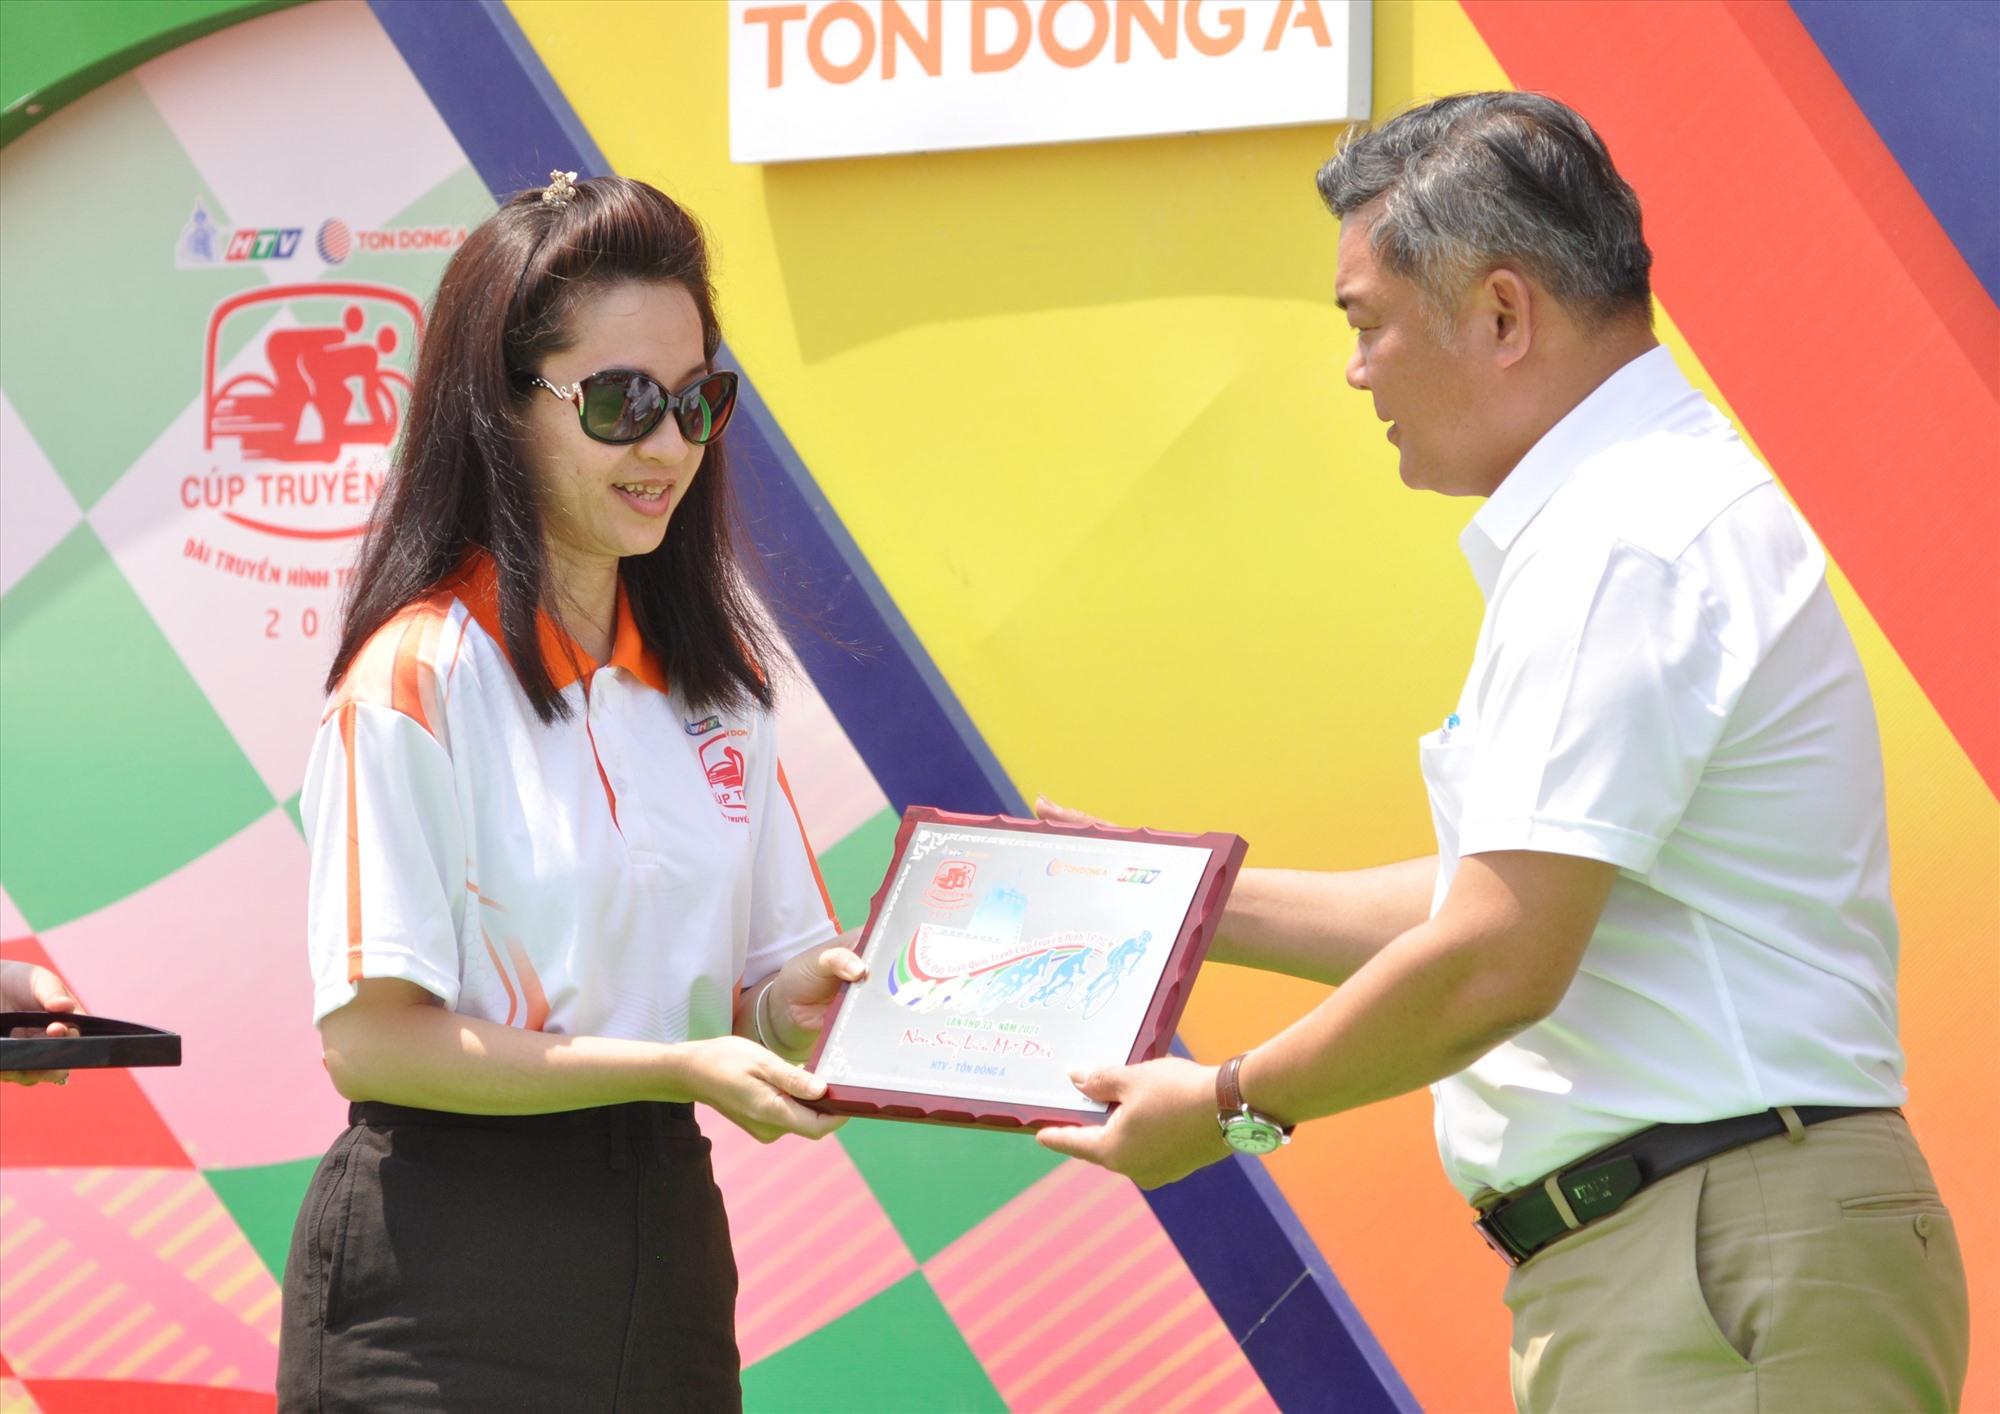 Ban tổ chức cuộc đua tặng quà kỷ niệm tri ân sự quan tâm của tỉnh Quảng Nam luôn tạo điều kiện tốt nhất cho cuộc đua diễn ra thành công. Ảnh: T.VY